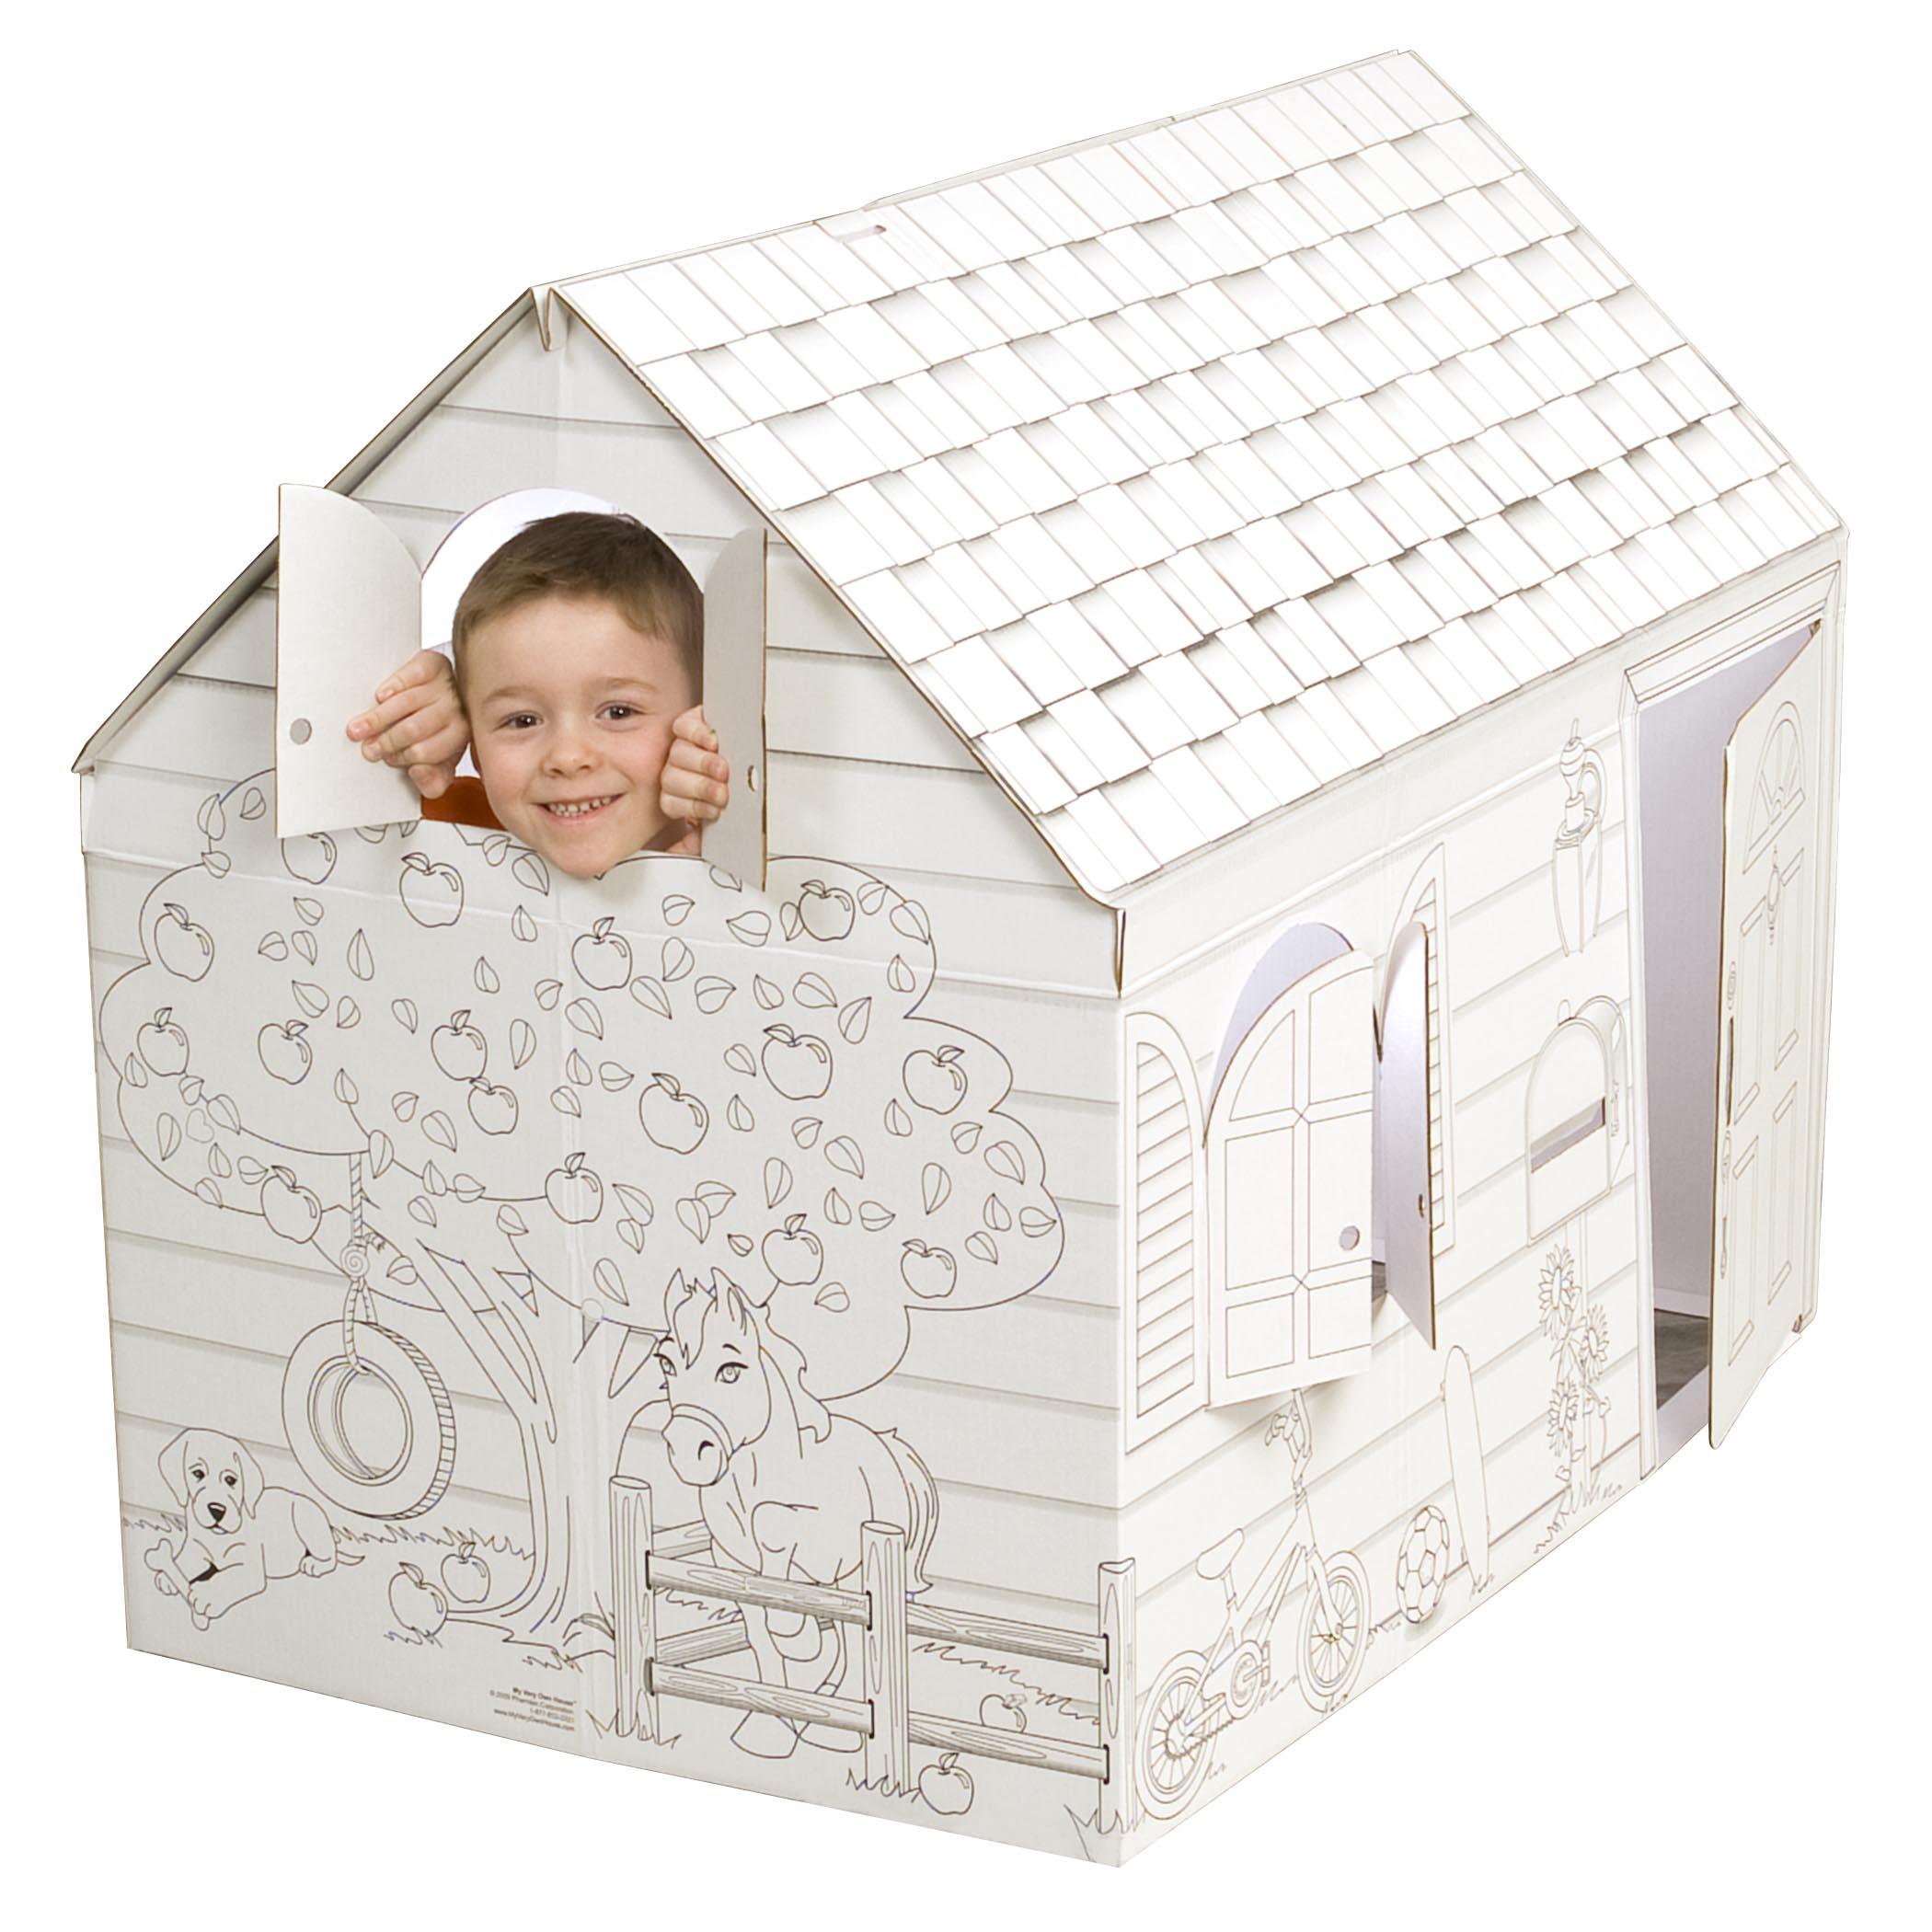 Hide and Seek cardboard coloring playhouse | Cardboard-house